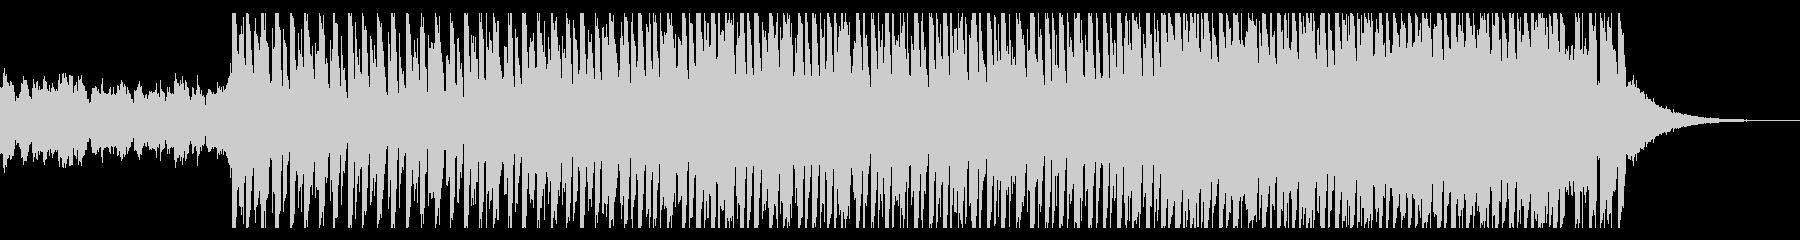 ダンス用(60秒)の未再生の波形